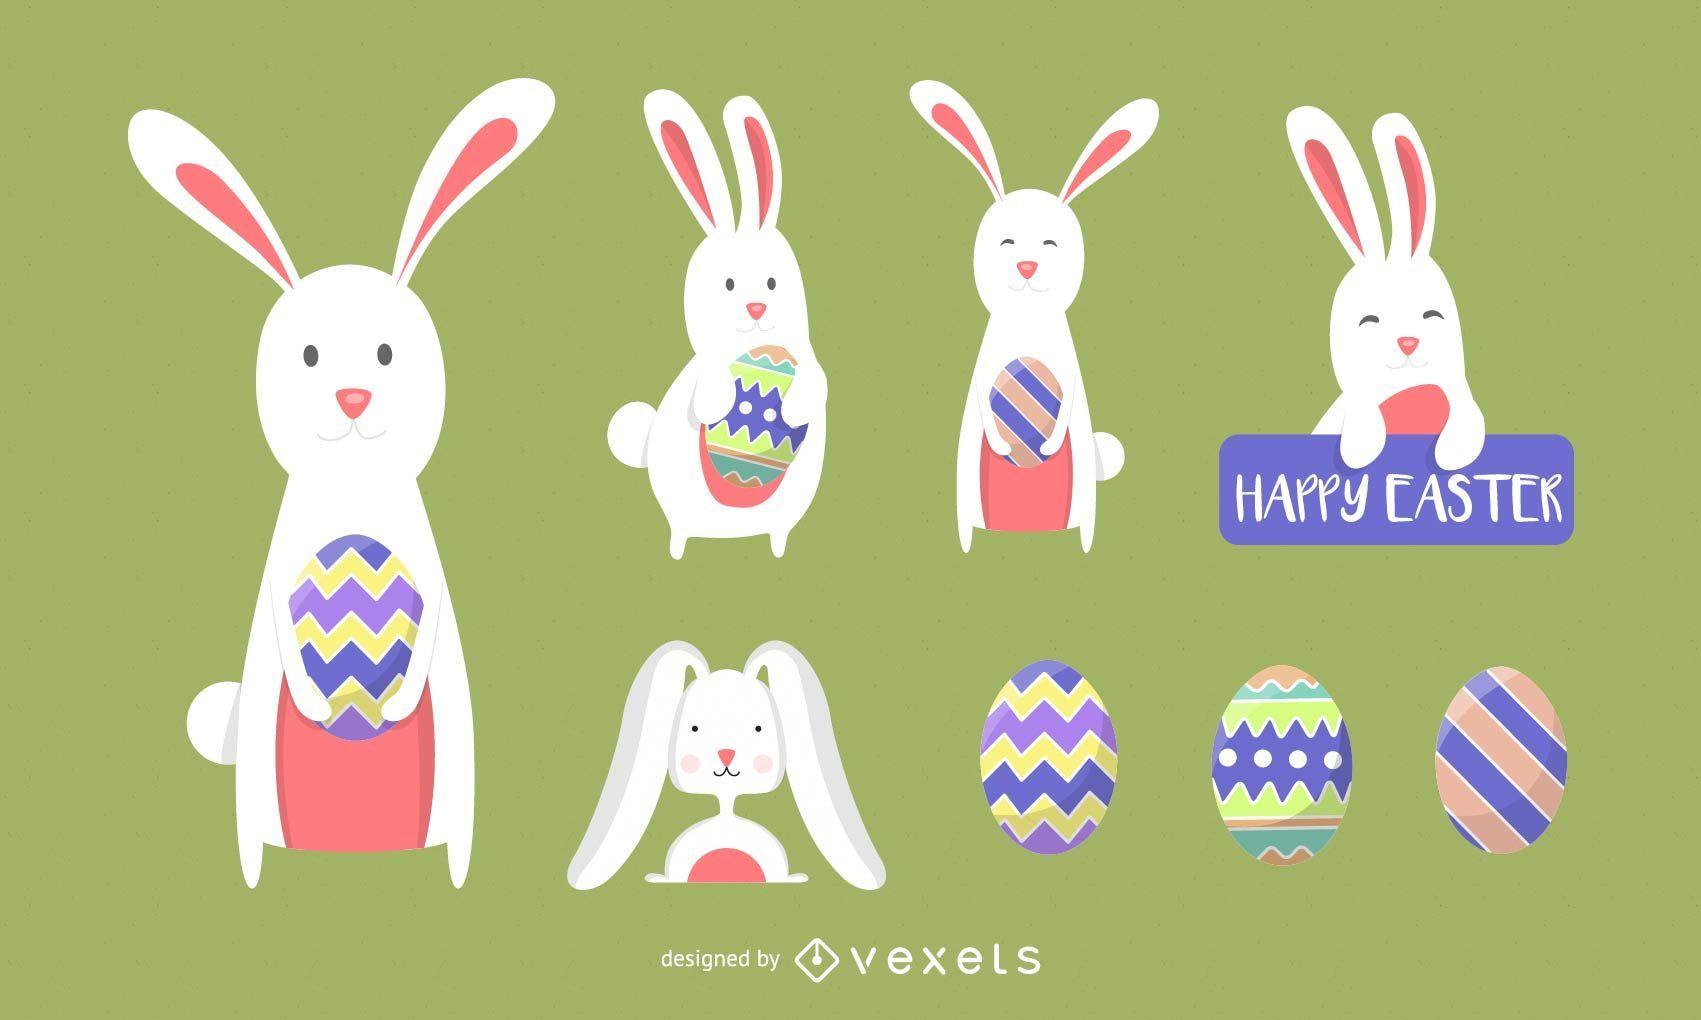 Iconos del vector del conejito de Pascua